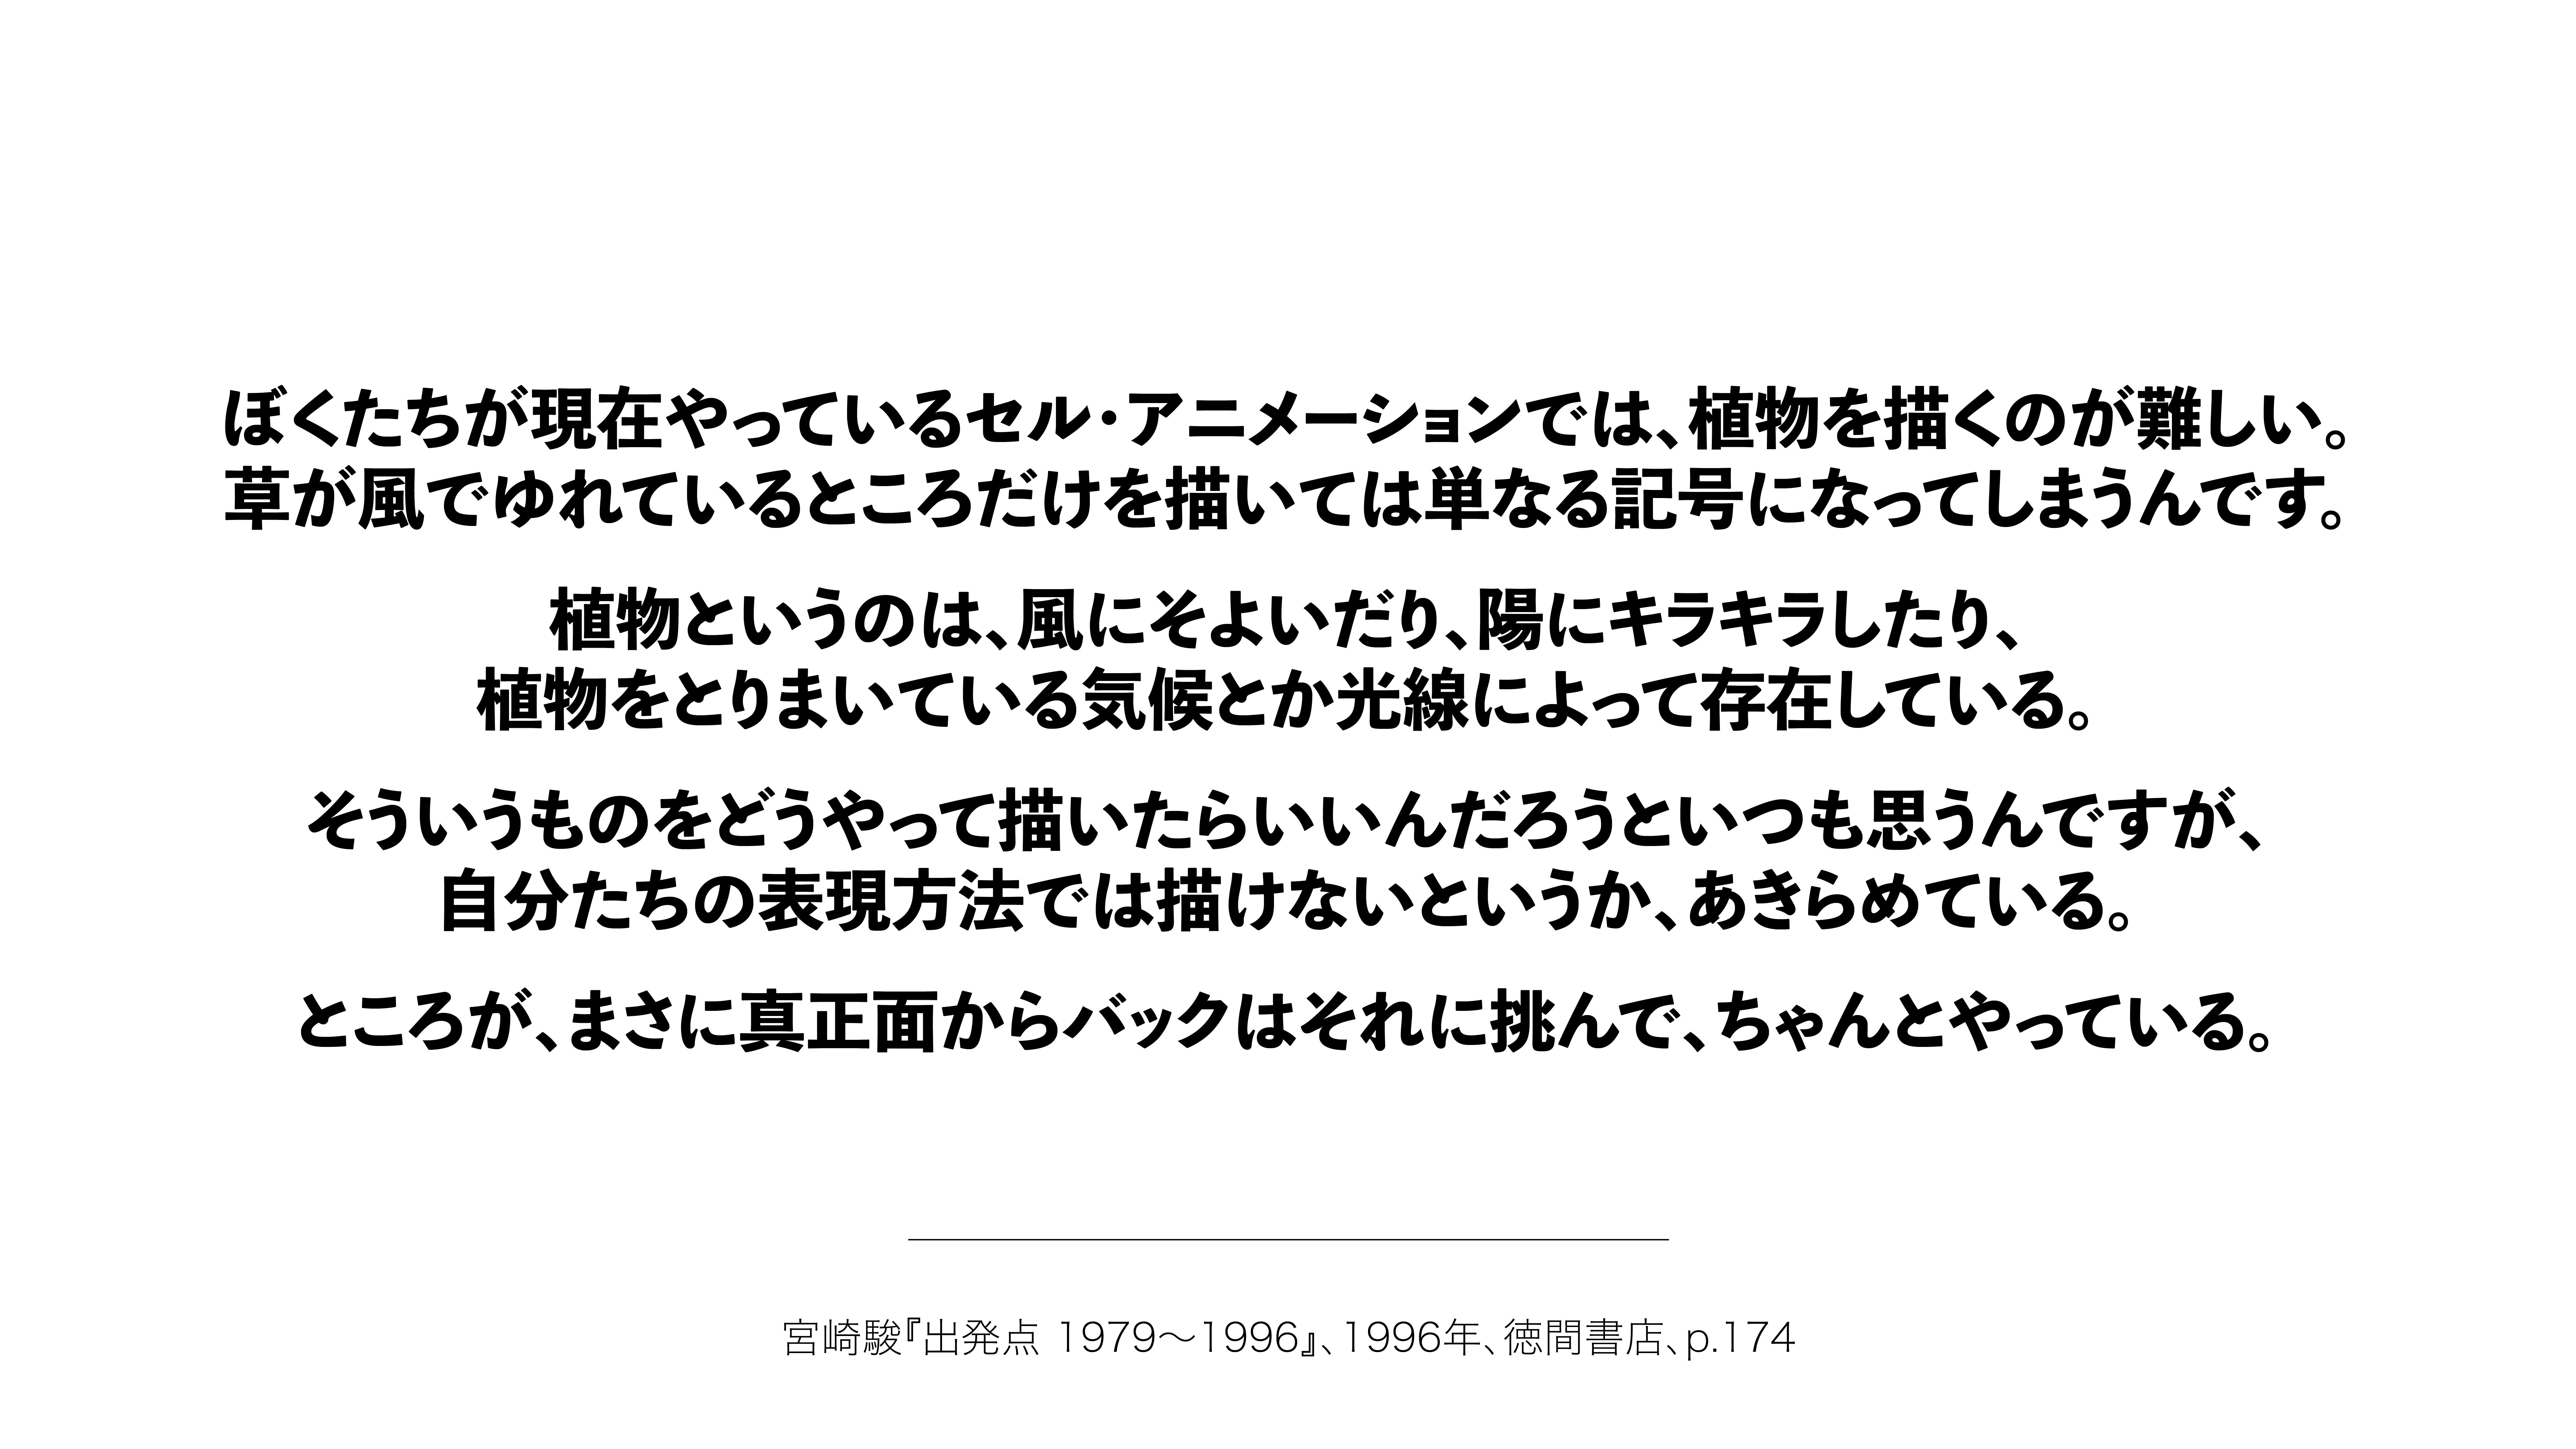 09_アニメーター解放宣言